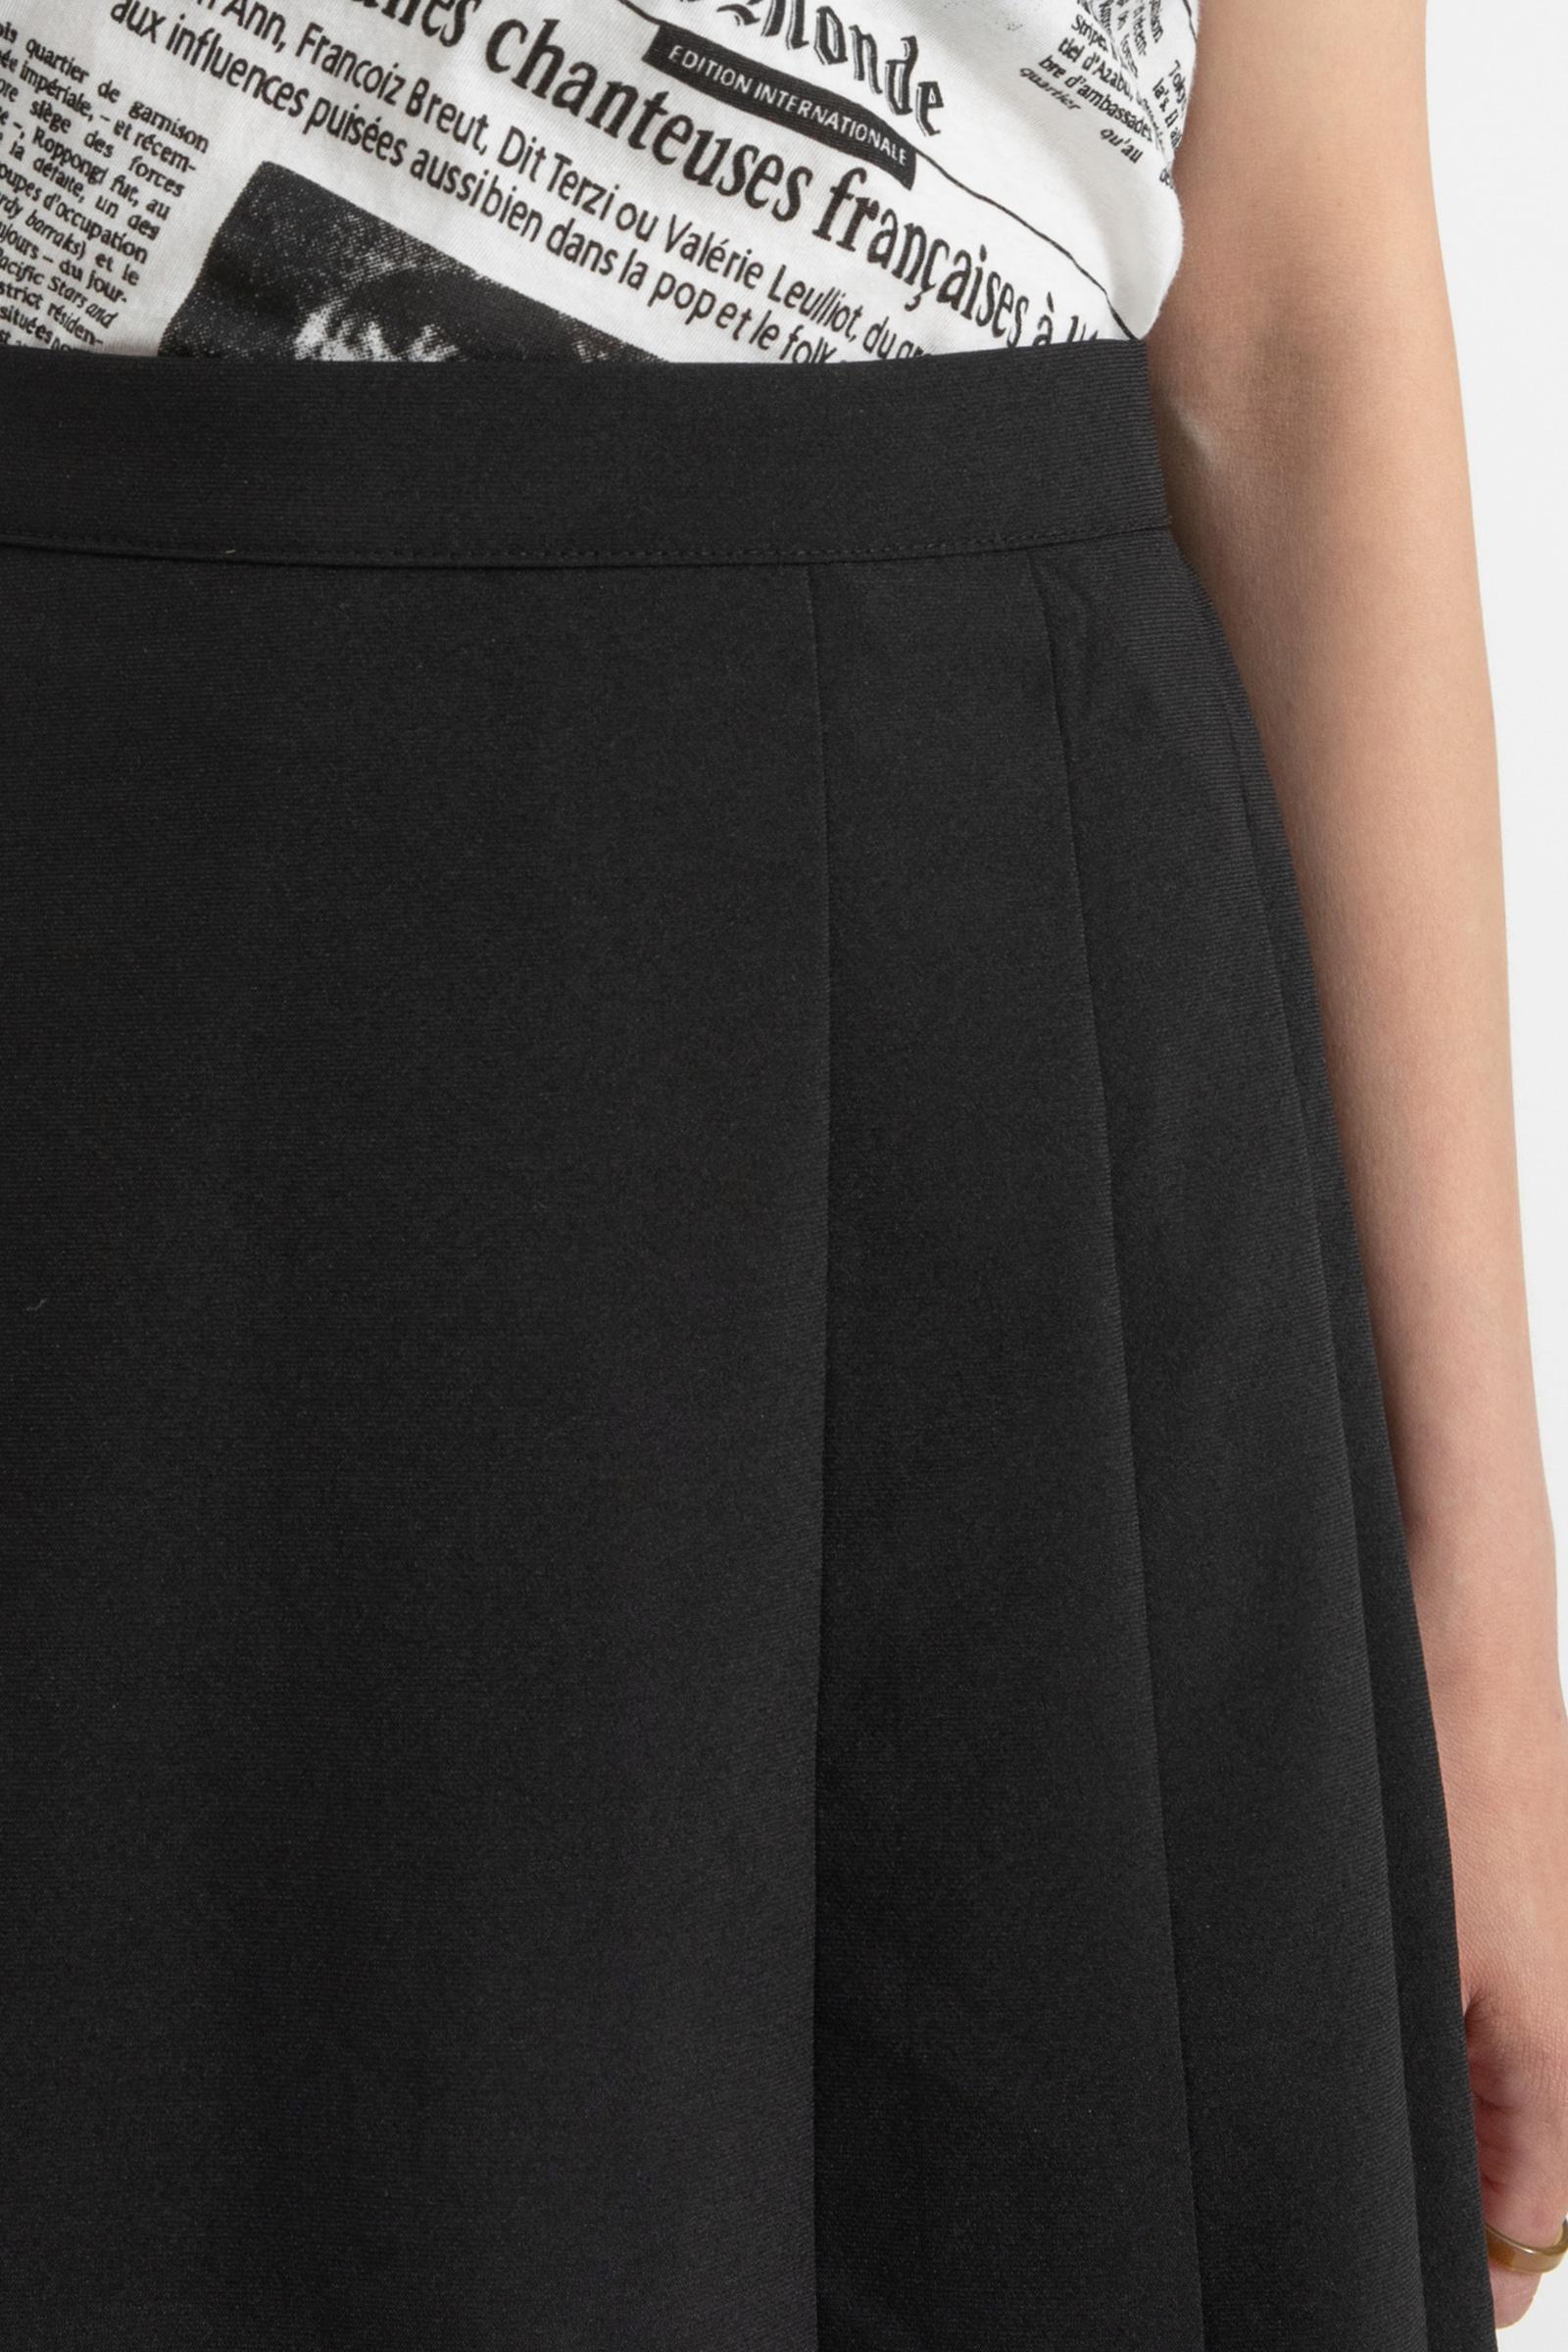 Lucy Unbal pleated midi skirt